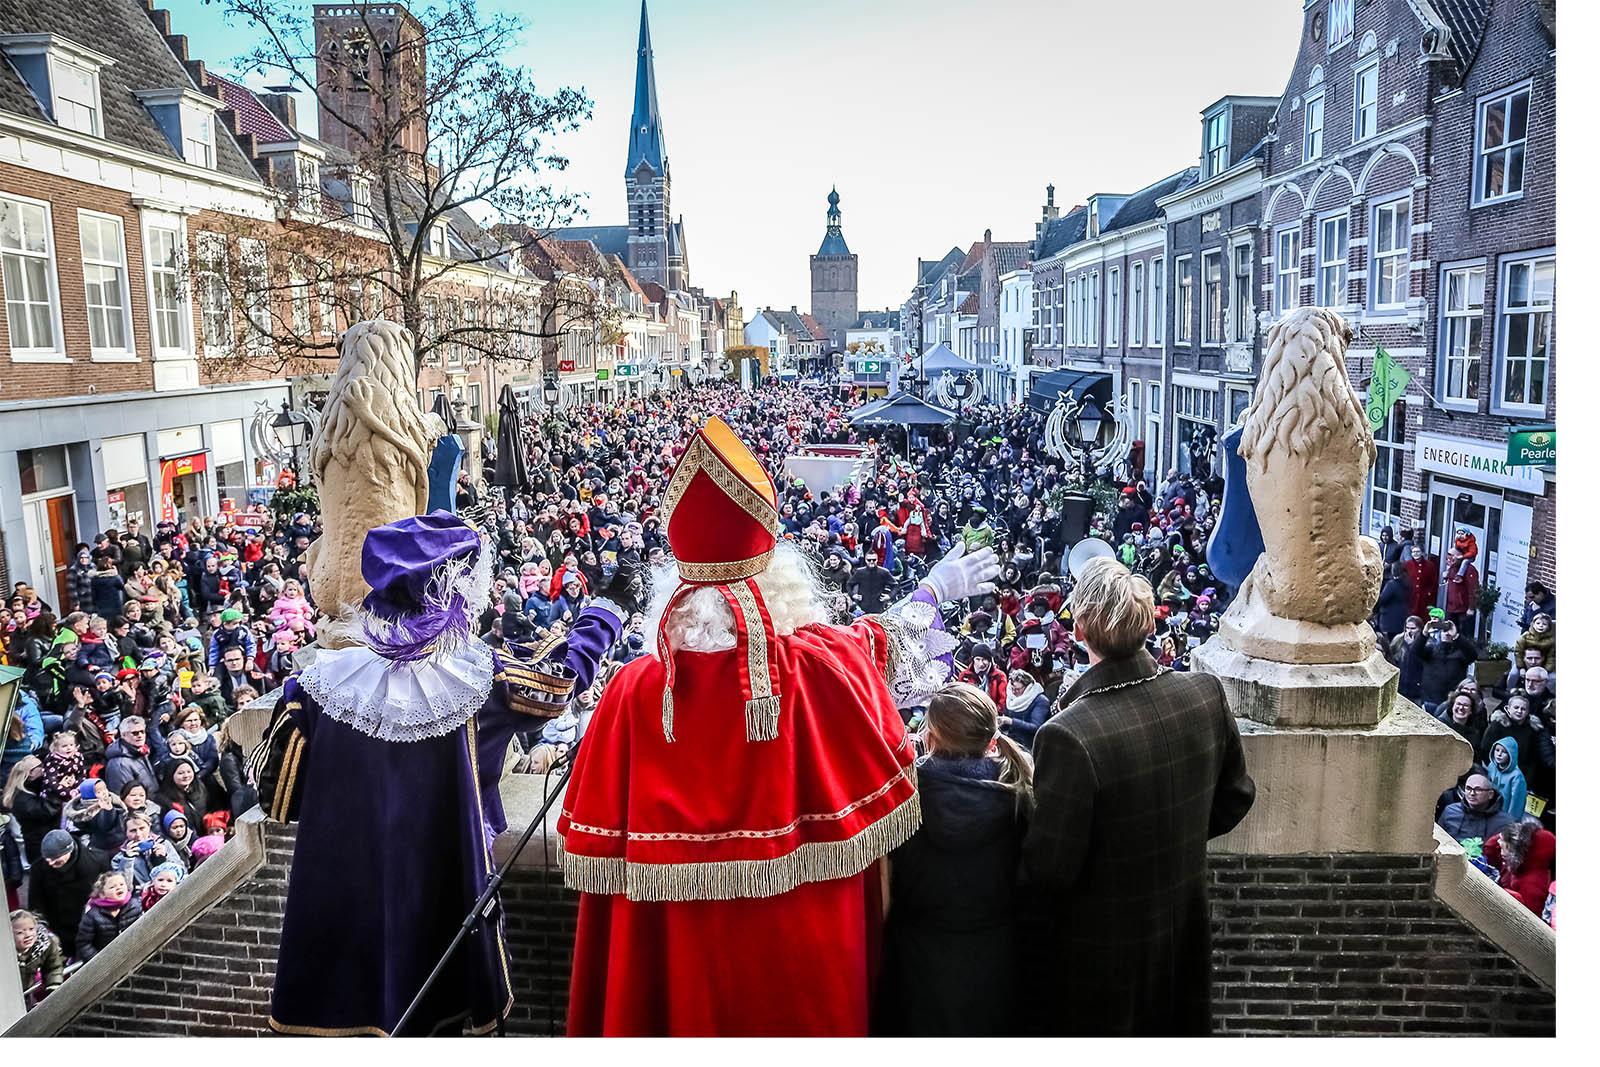 culemborg intocht sinterklaas 2018_0014_©John Verhagen-Sinterklaas 2018-0368.jpg